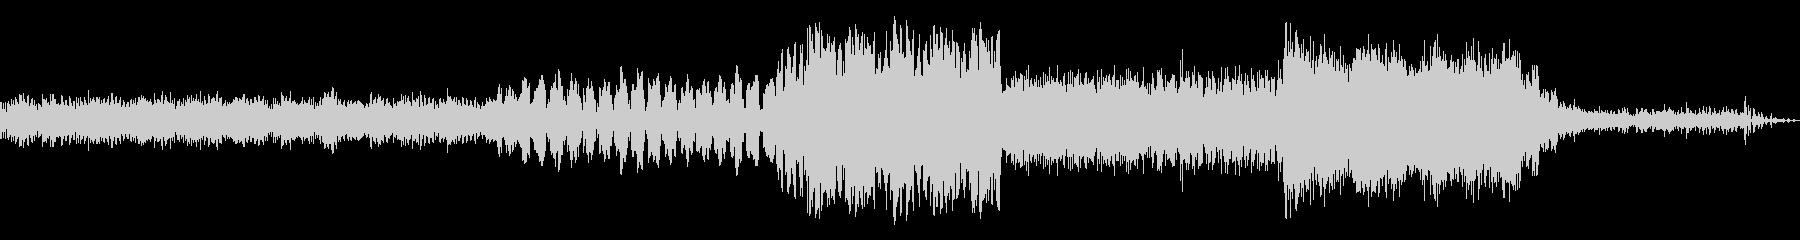 驚くべき変化ミュージカルパルサーの未再生の波形